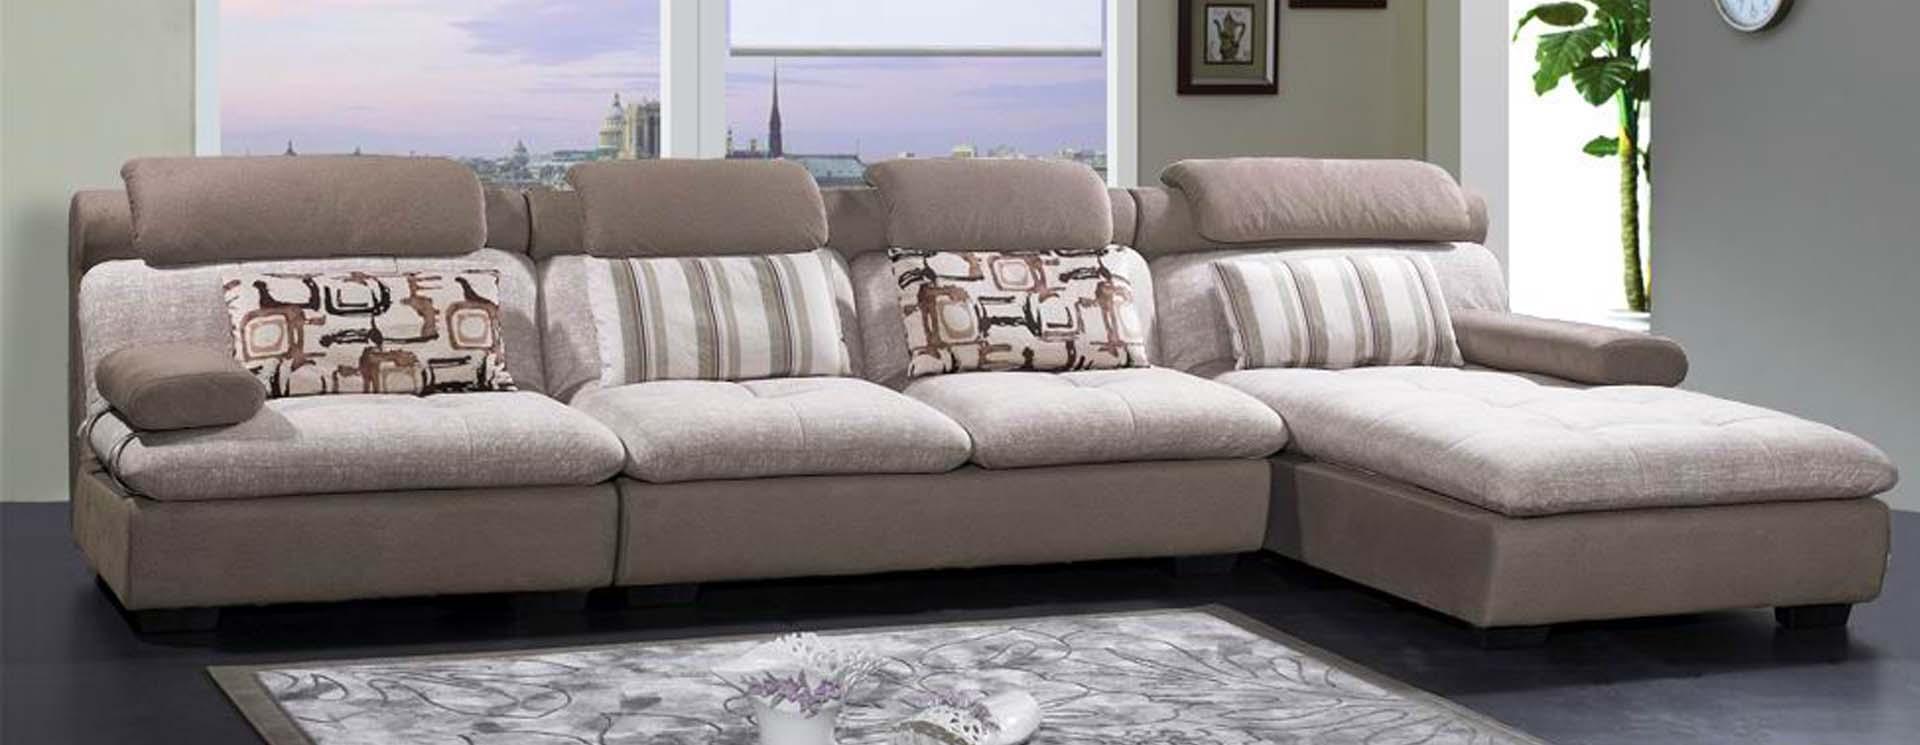 名称:沙发E-605-C<br/> 市场价:<font style='color:#999;text-decoration:line-through;'>¥0</font><br />全国统一零售价:<font color='Red'>¥0.0</font>